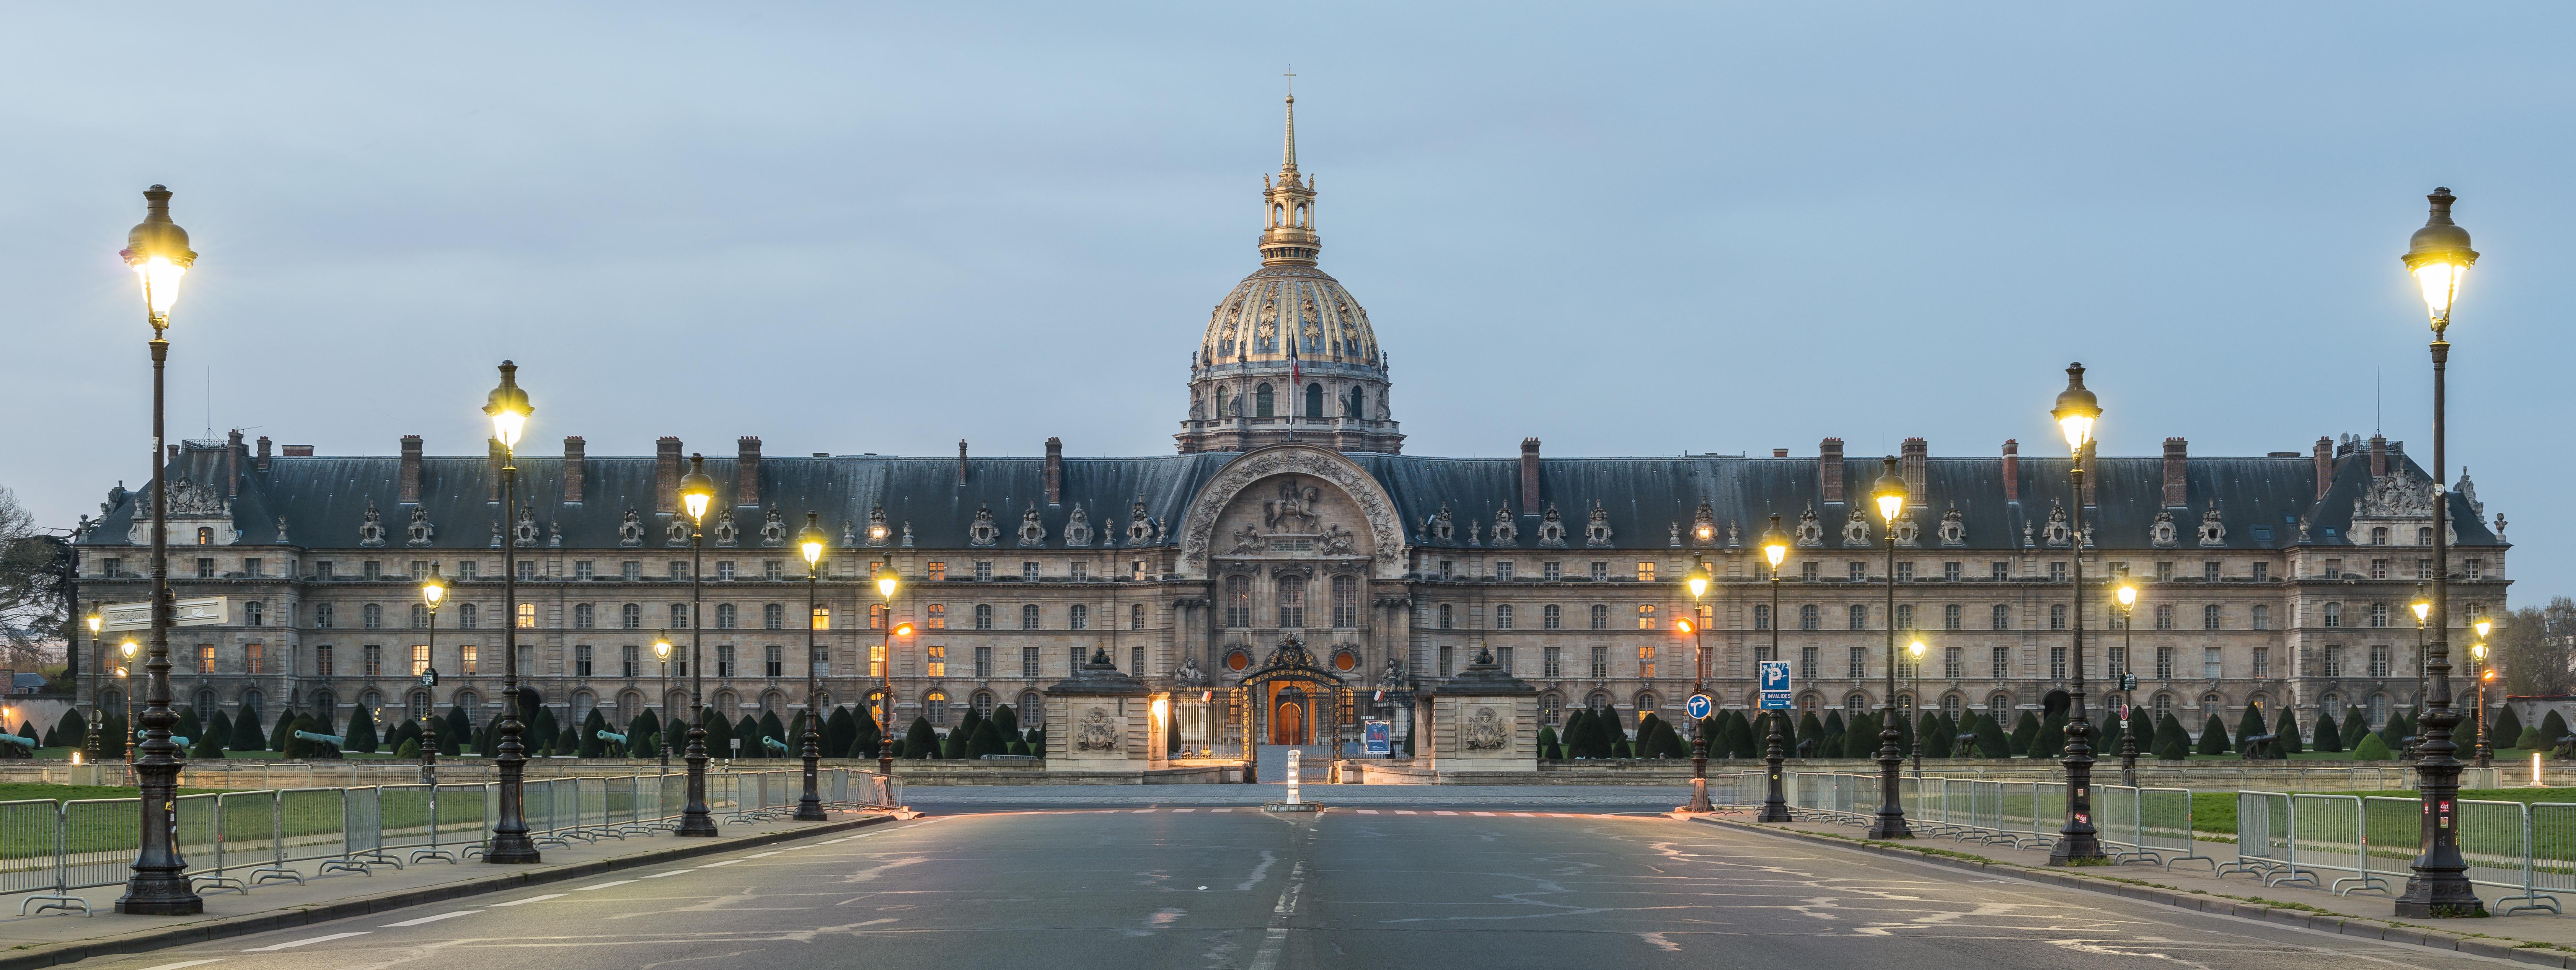 Обои Государственный Дом Инвалидов, купол, Инвалиды. Города foto 15